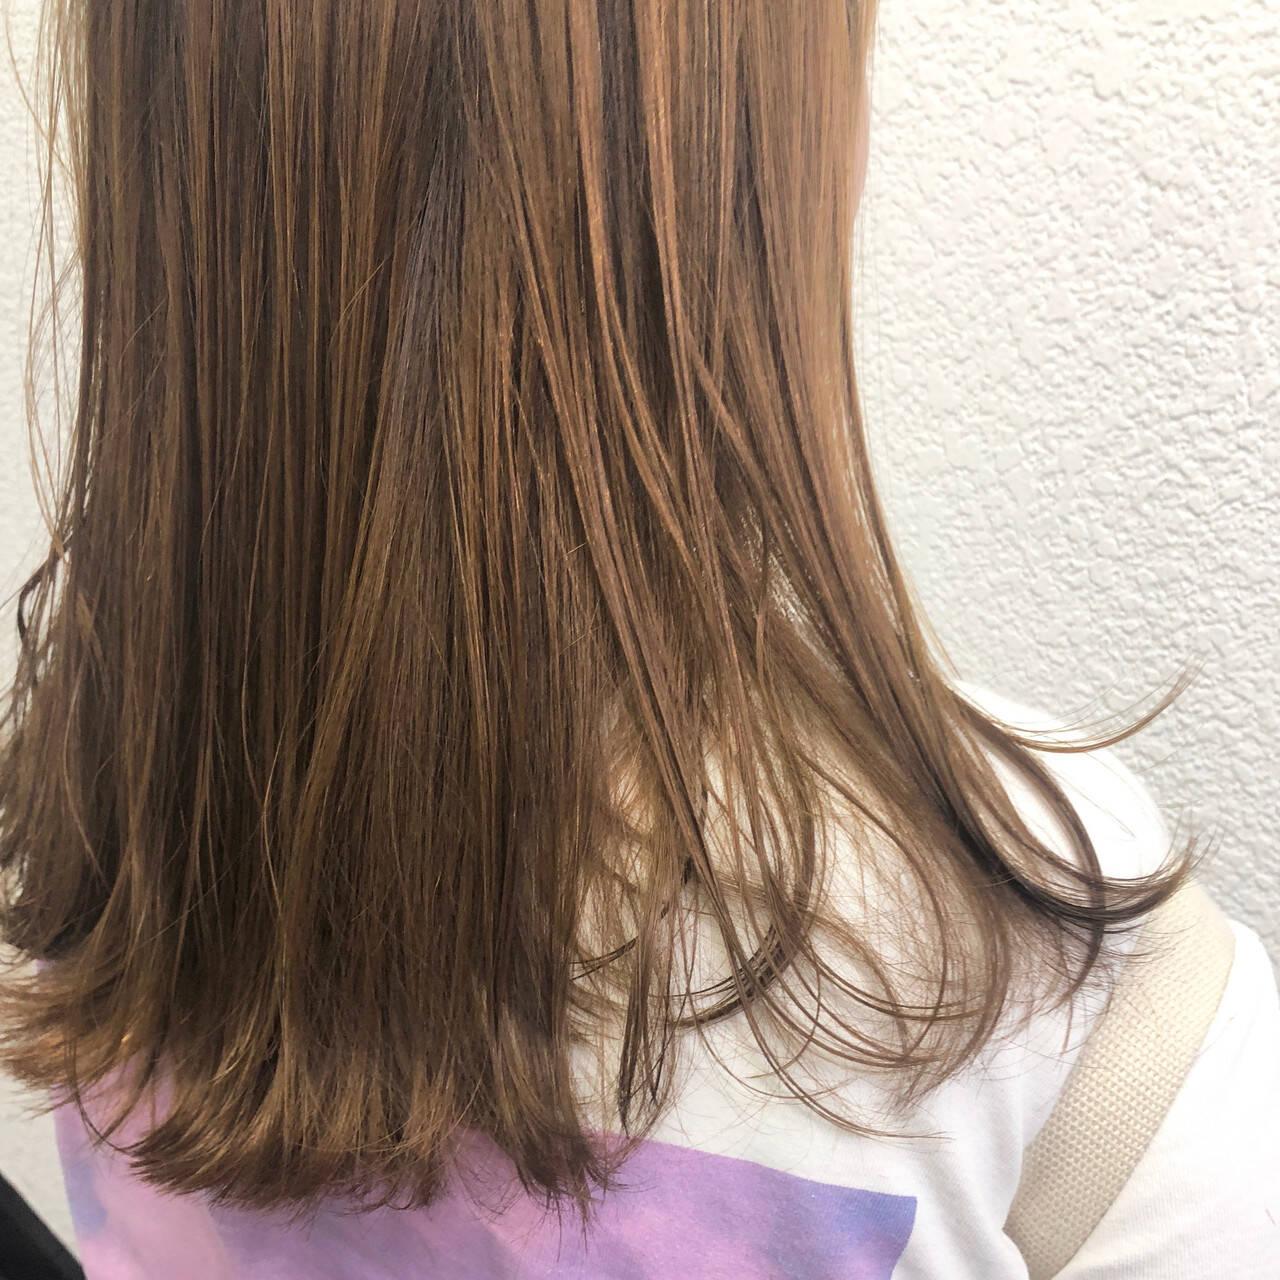 ミディアム ガーリー アプリコットオレンジ インナーカラーヘアスタイルや髪型の写真・画像